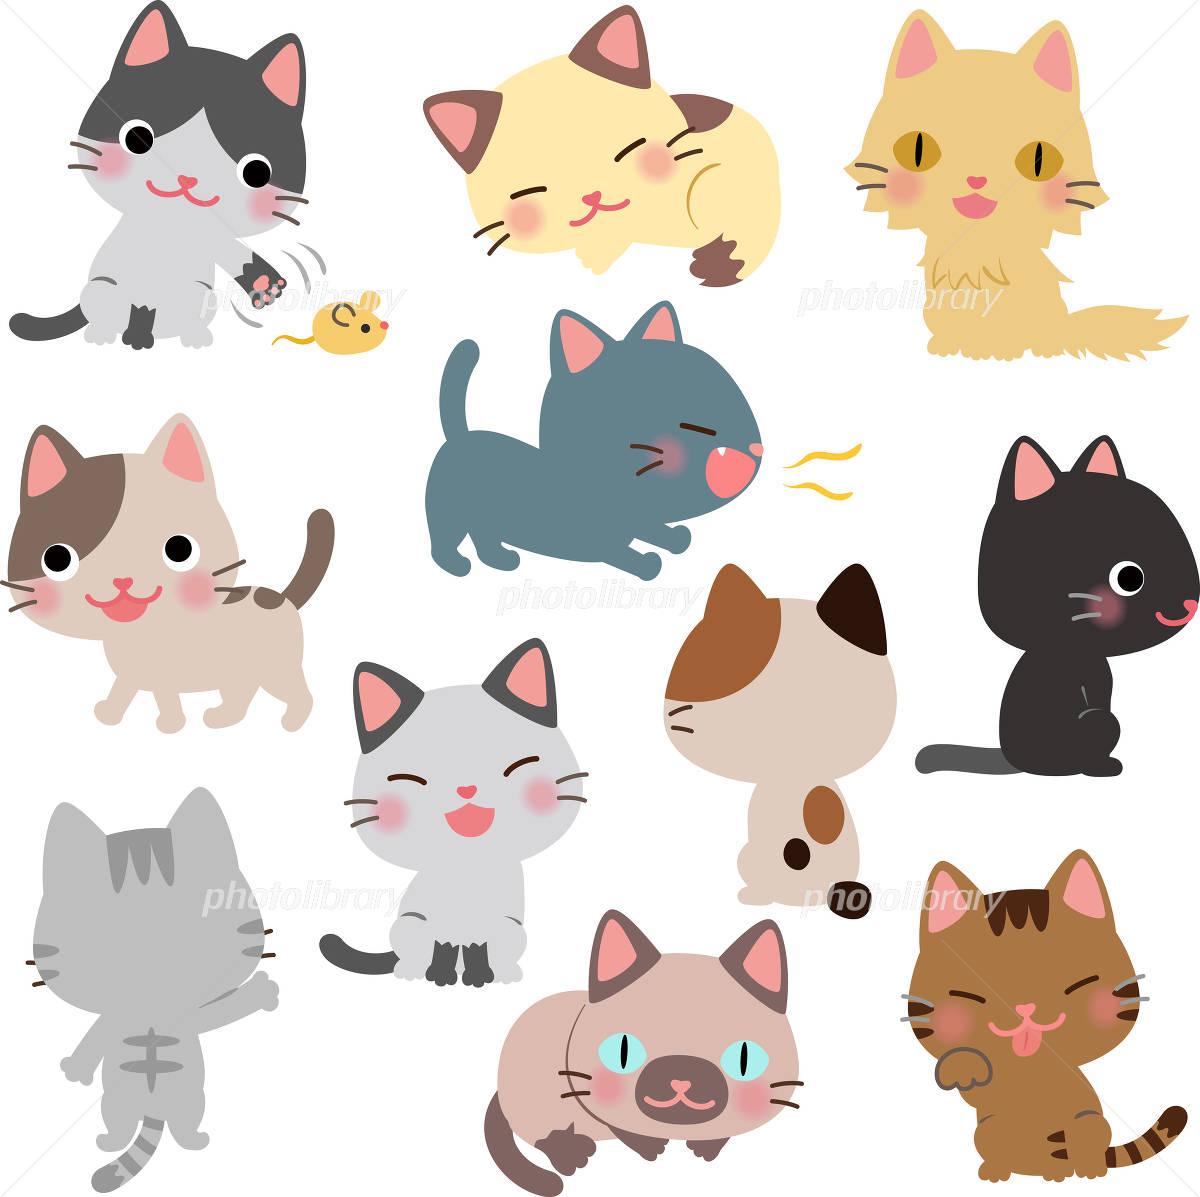 「猫 イラスト」の画像検索結果